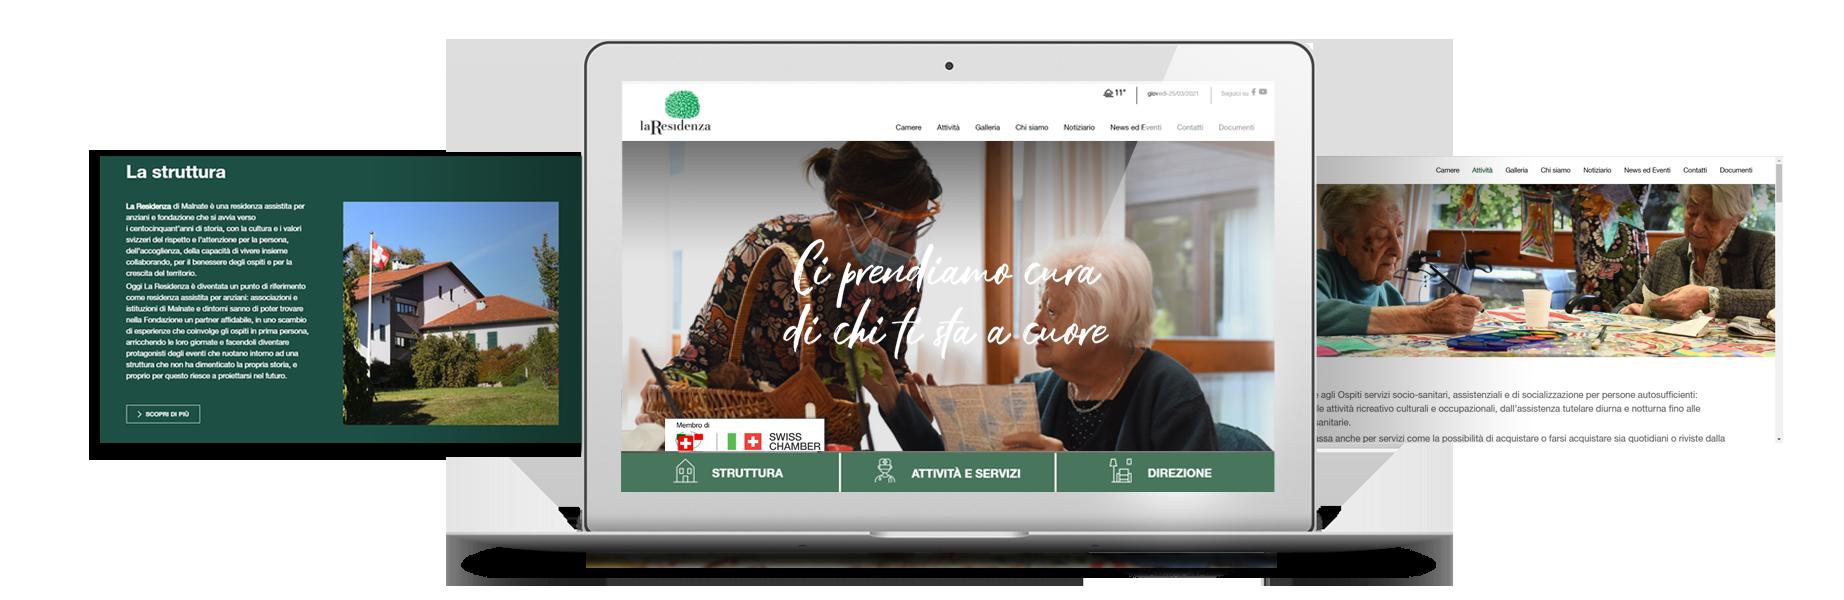 agenzia_siti_web_milano